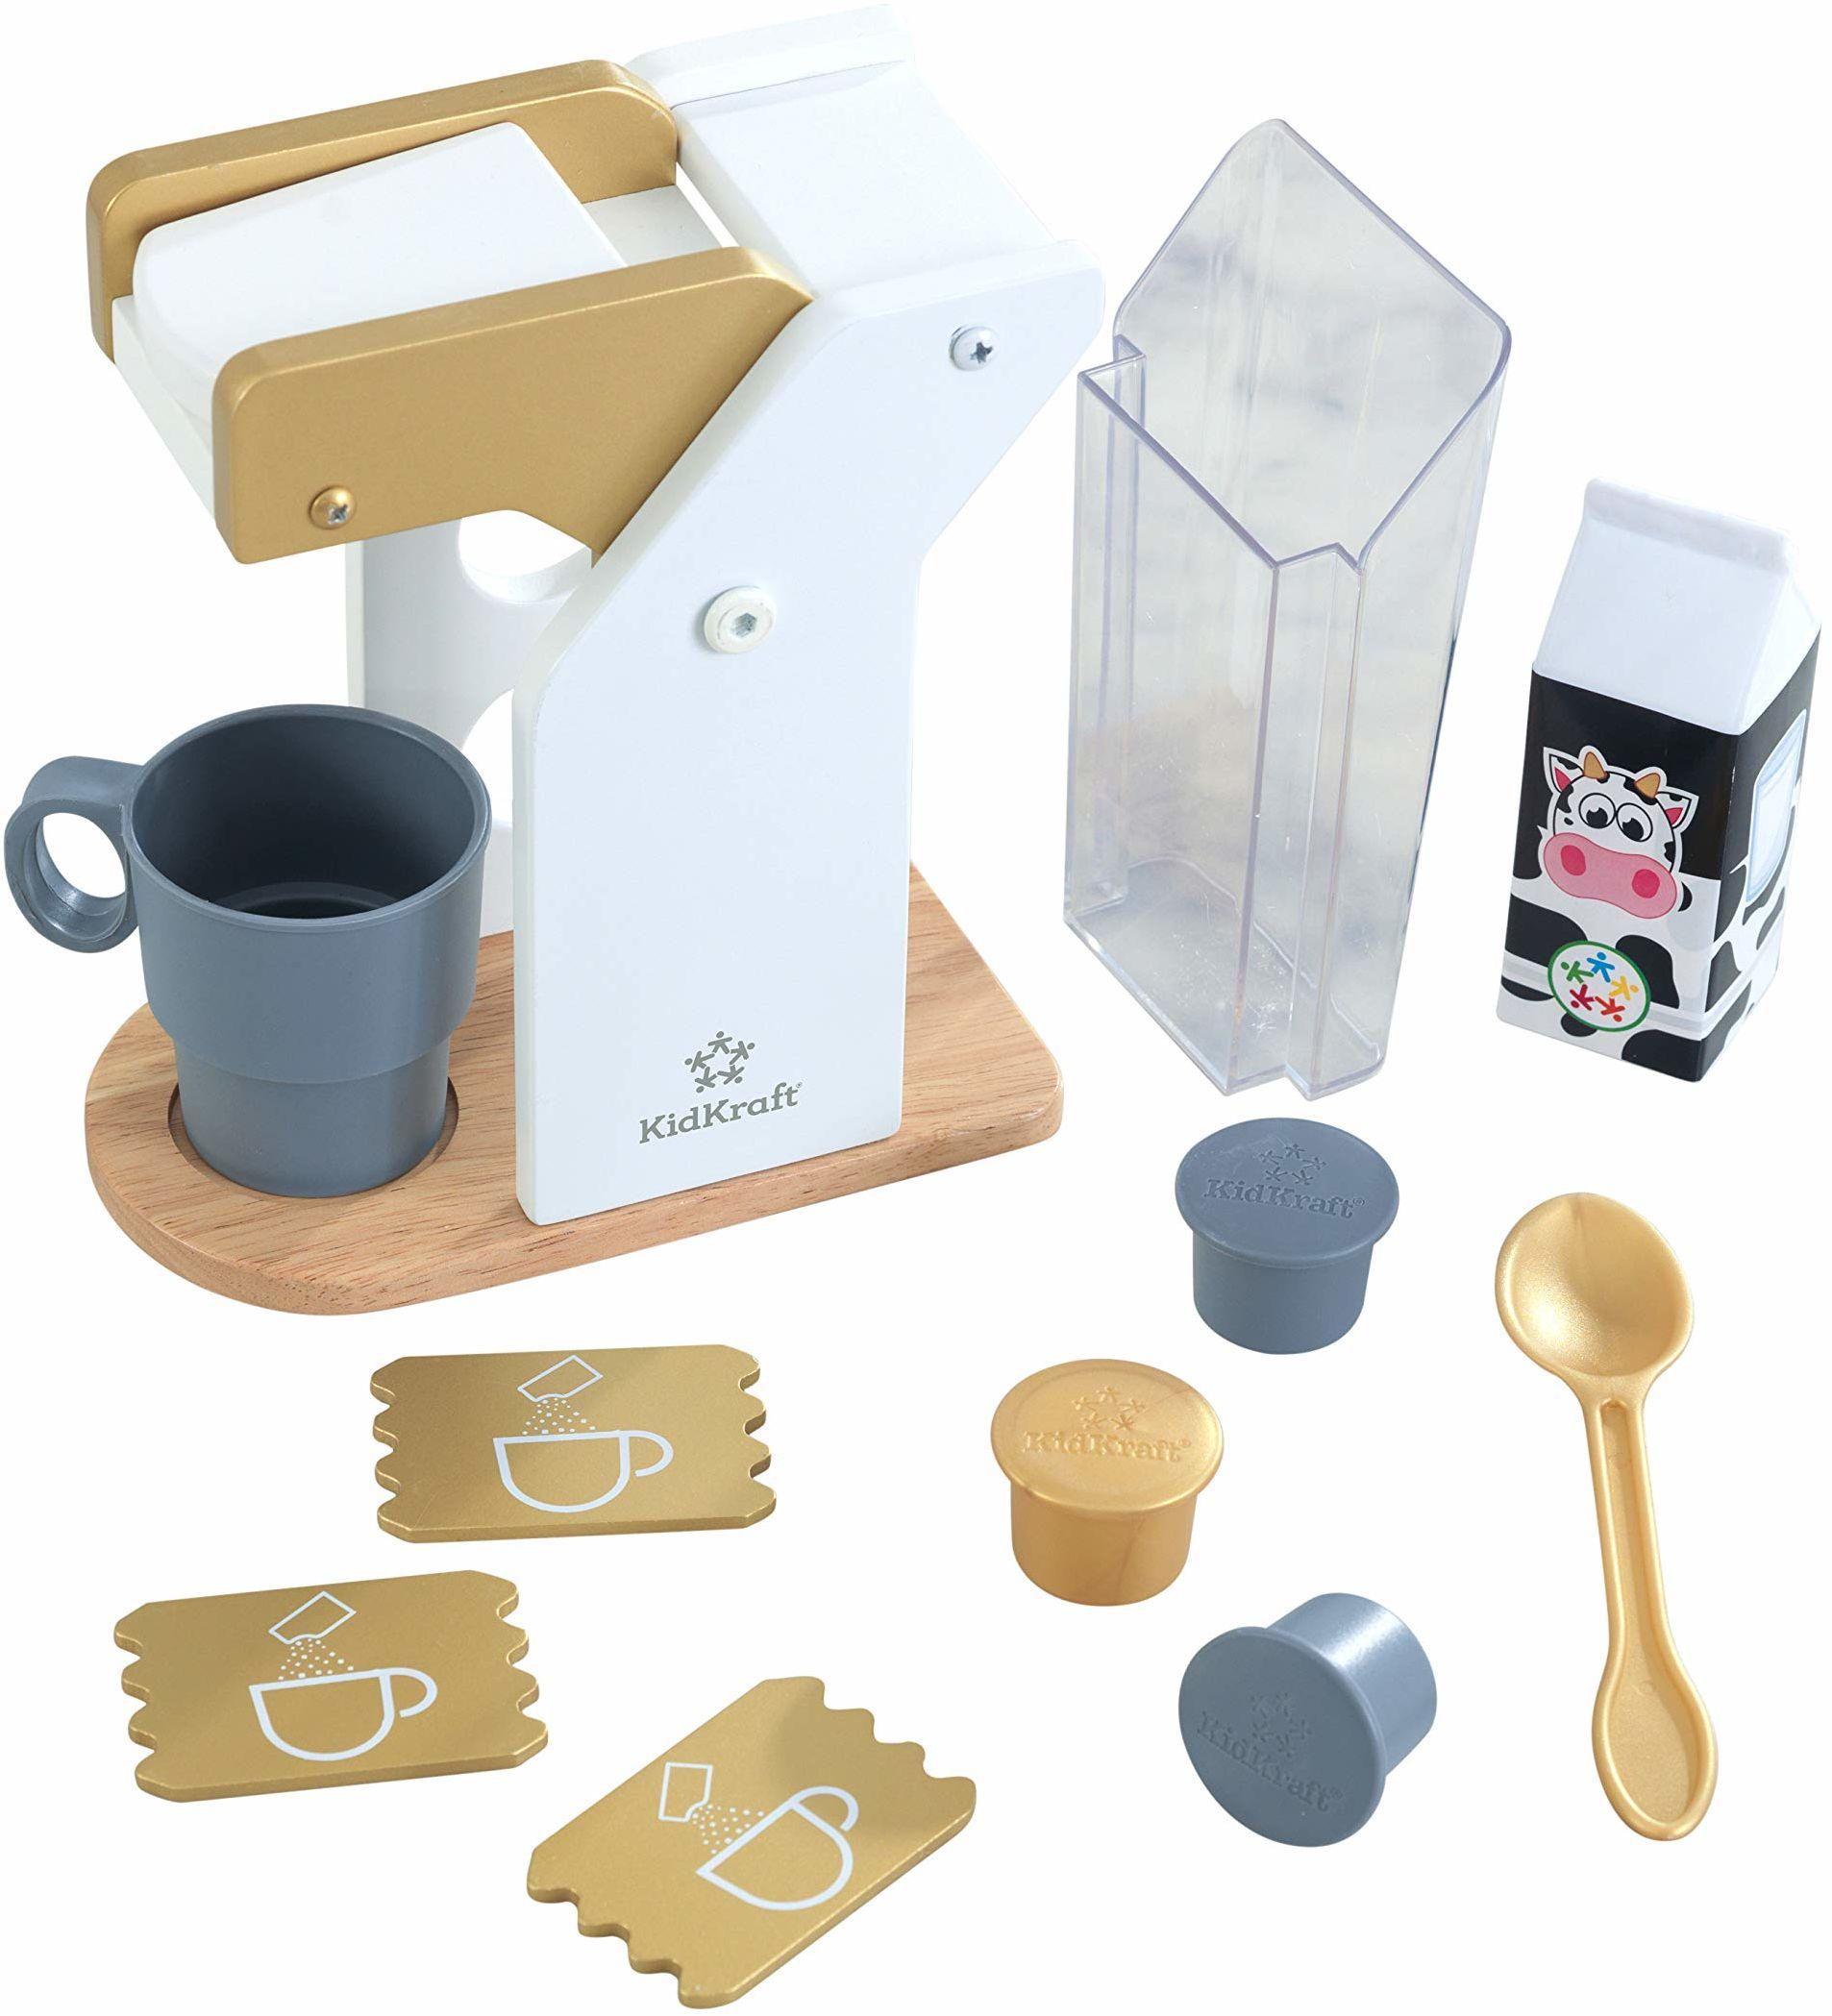 KidKraft 53538 zestaw do zabawy dla dzieci kuchnia drewniana zabawka zestaw do kawy w nowoczesnych metalicznych kolorach, akcesoria kuchenne do zabawy